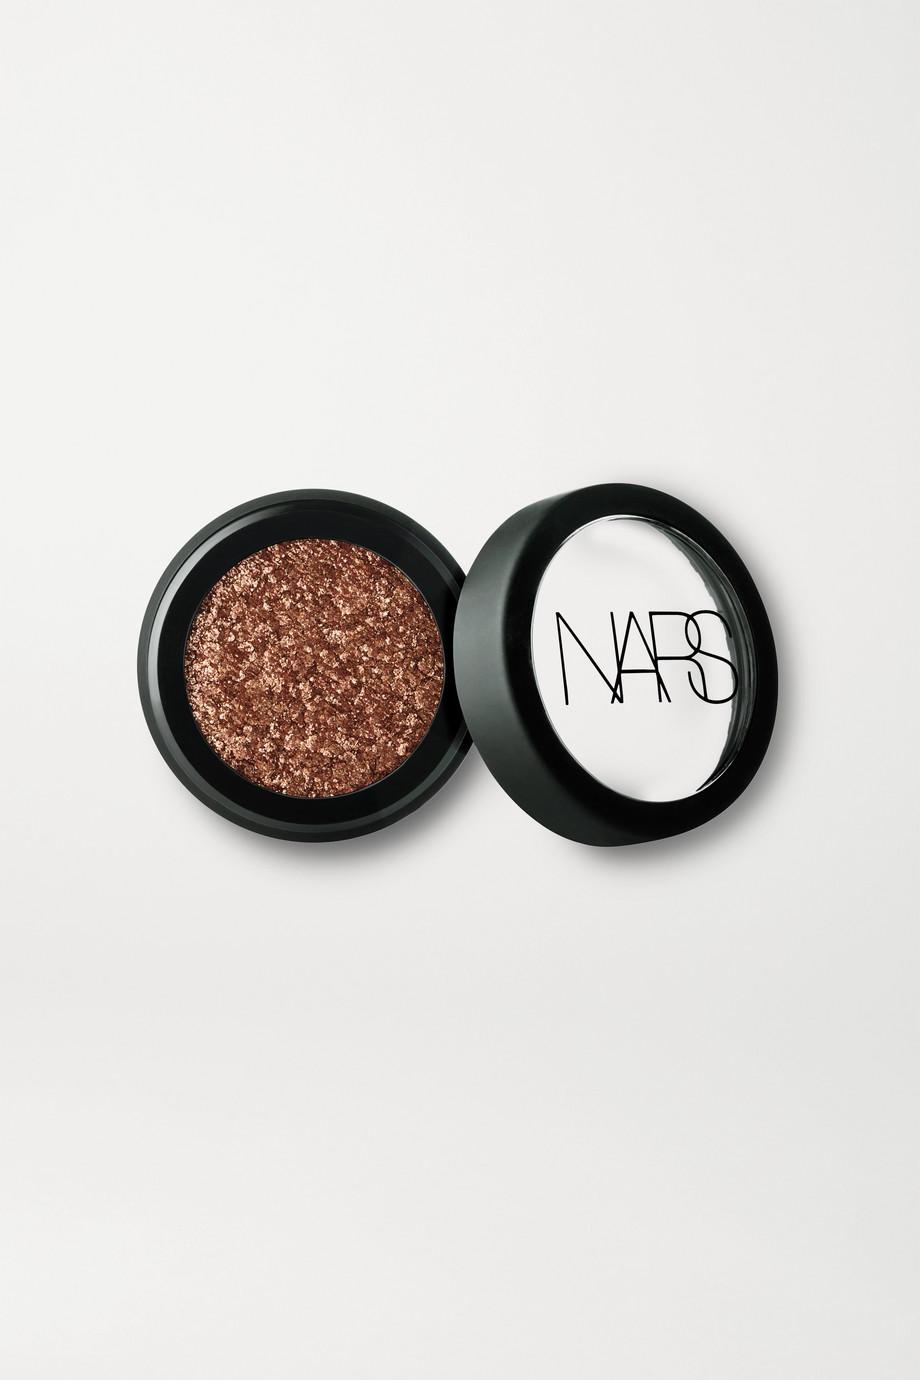 NARS Powerchrome Loose Eye Pigment – Stricken – Lidschatten